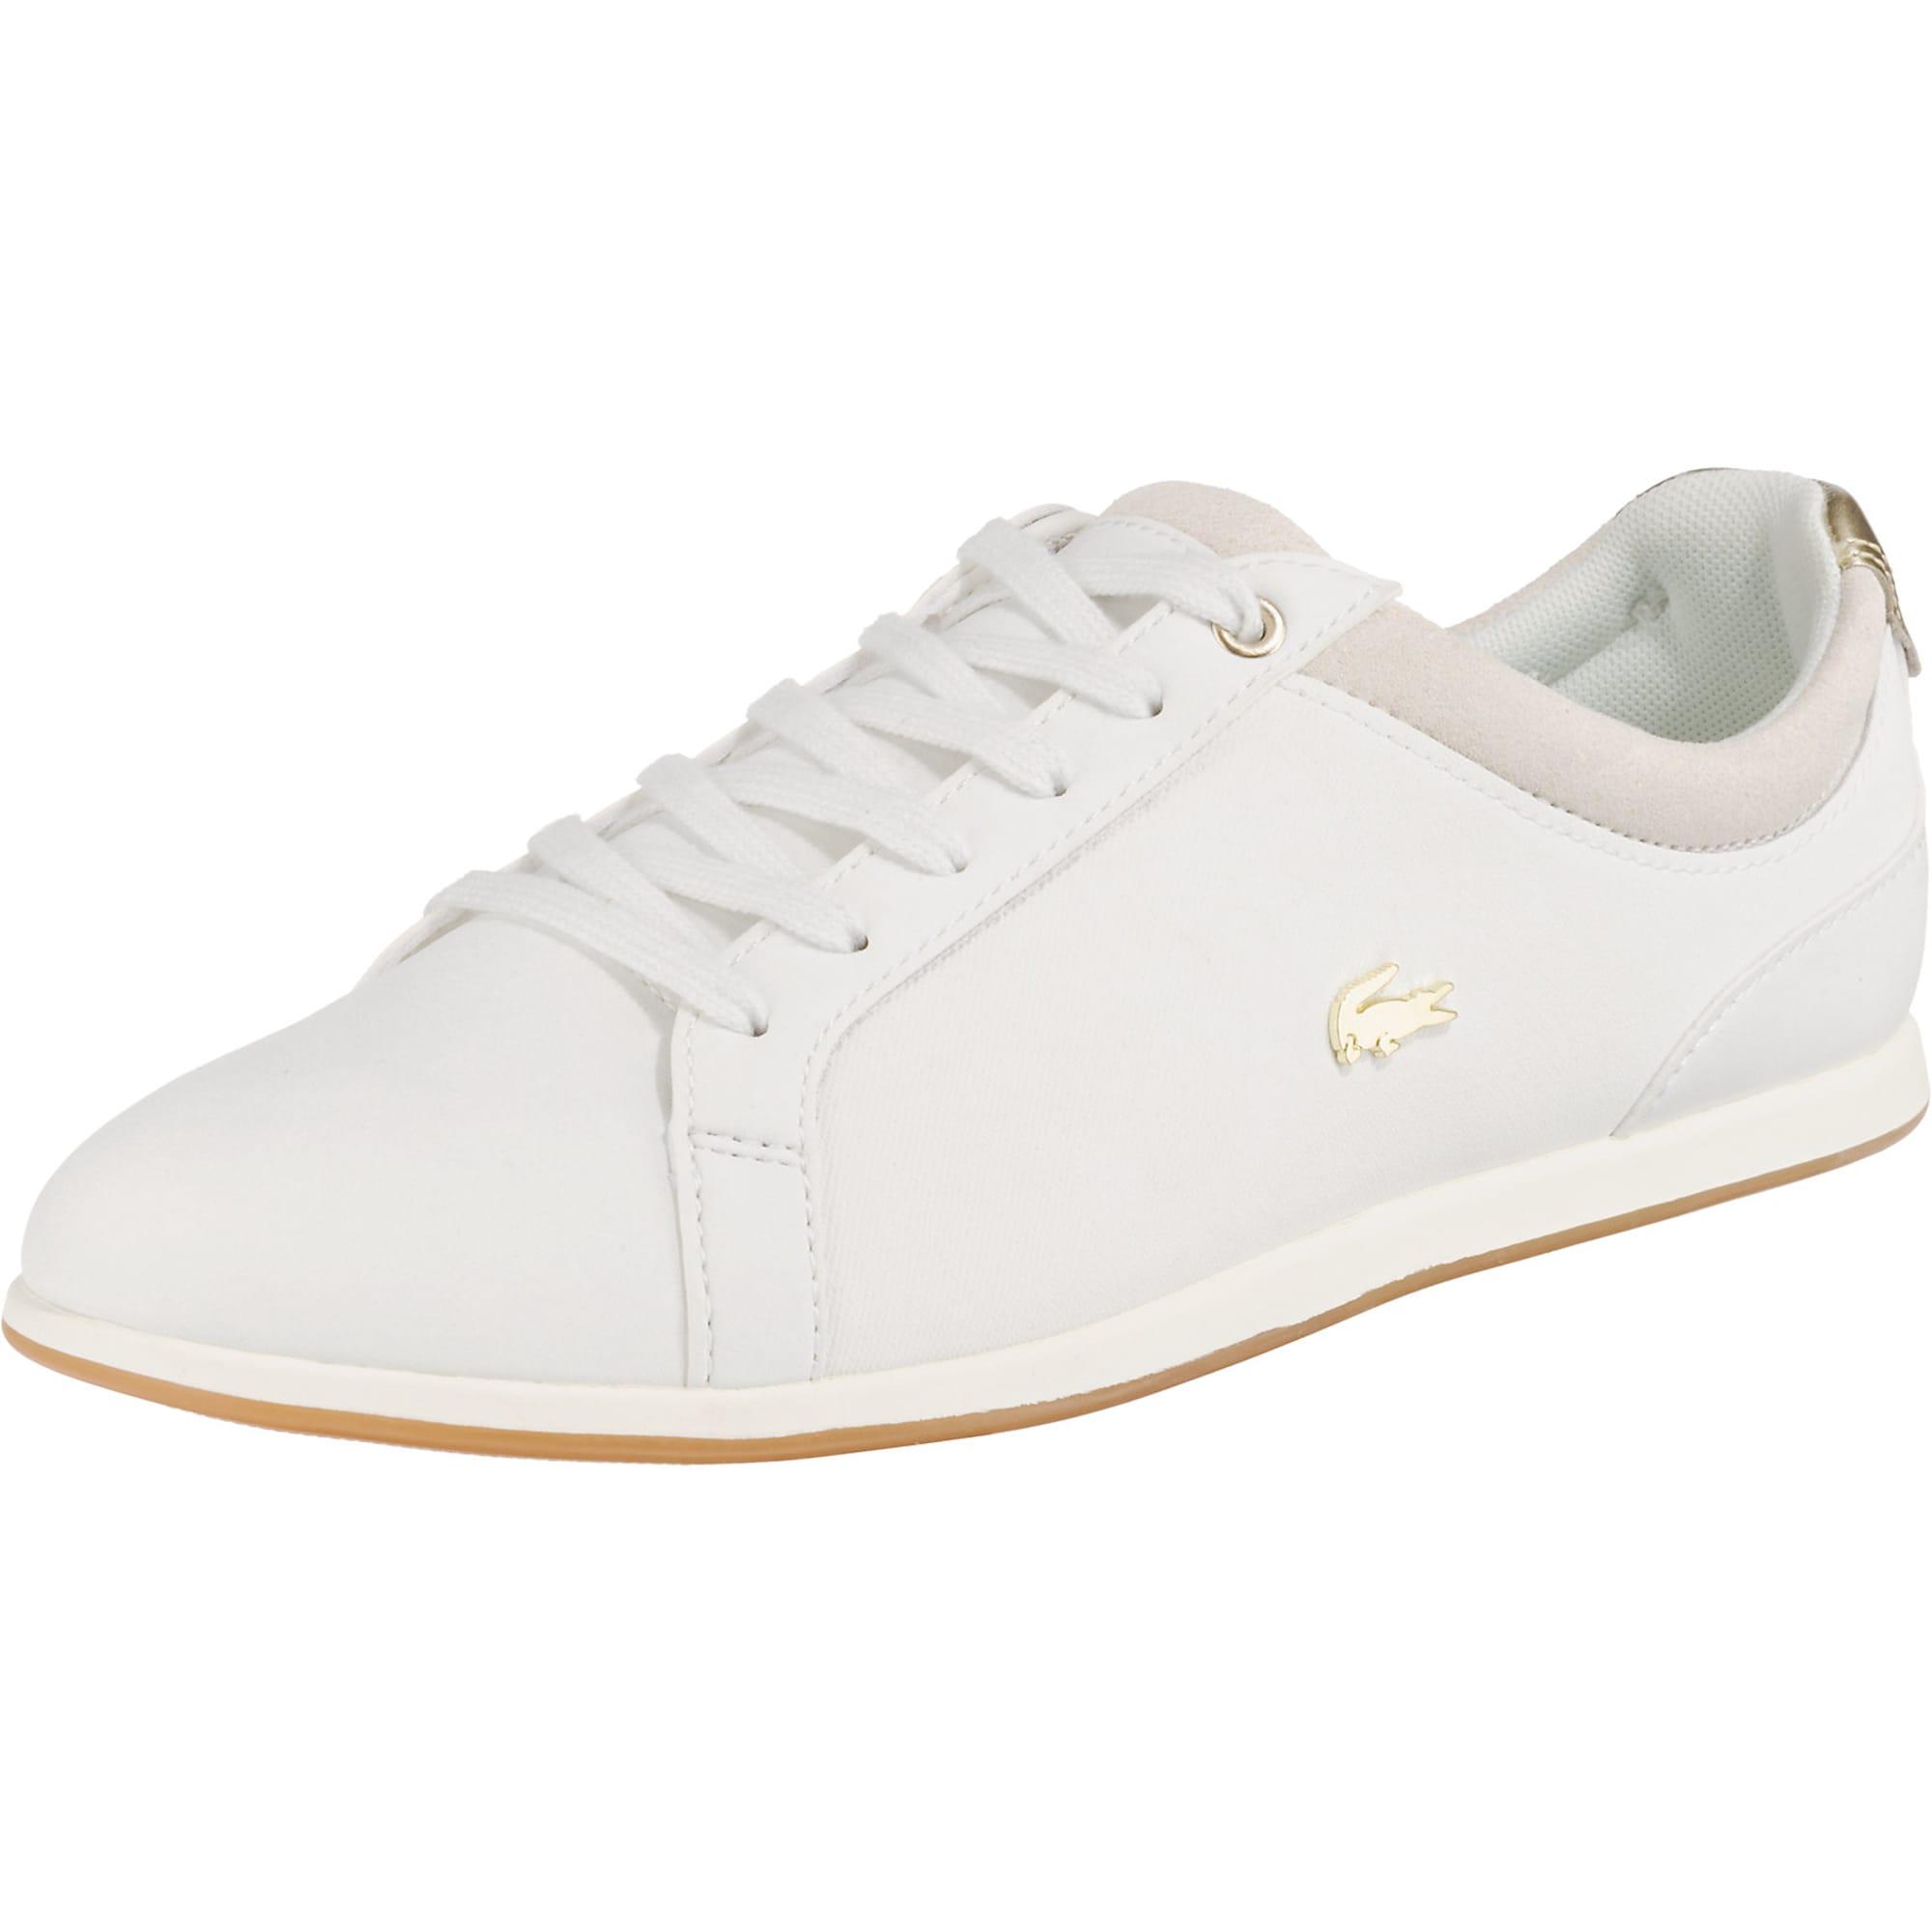 info for b1829 ed389 AboutYou Damen Lacoste Sneakers 'Rey' weiß   05012123330747